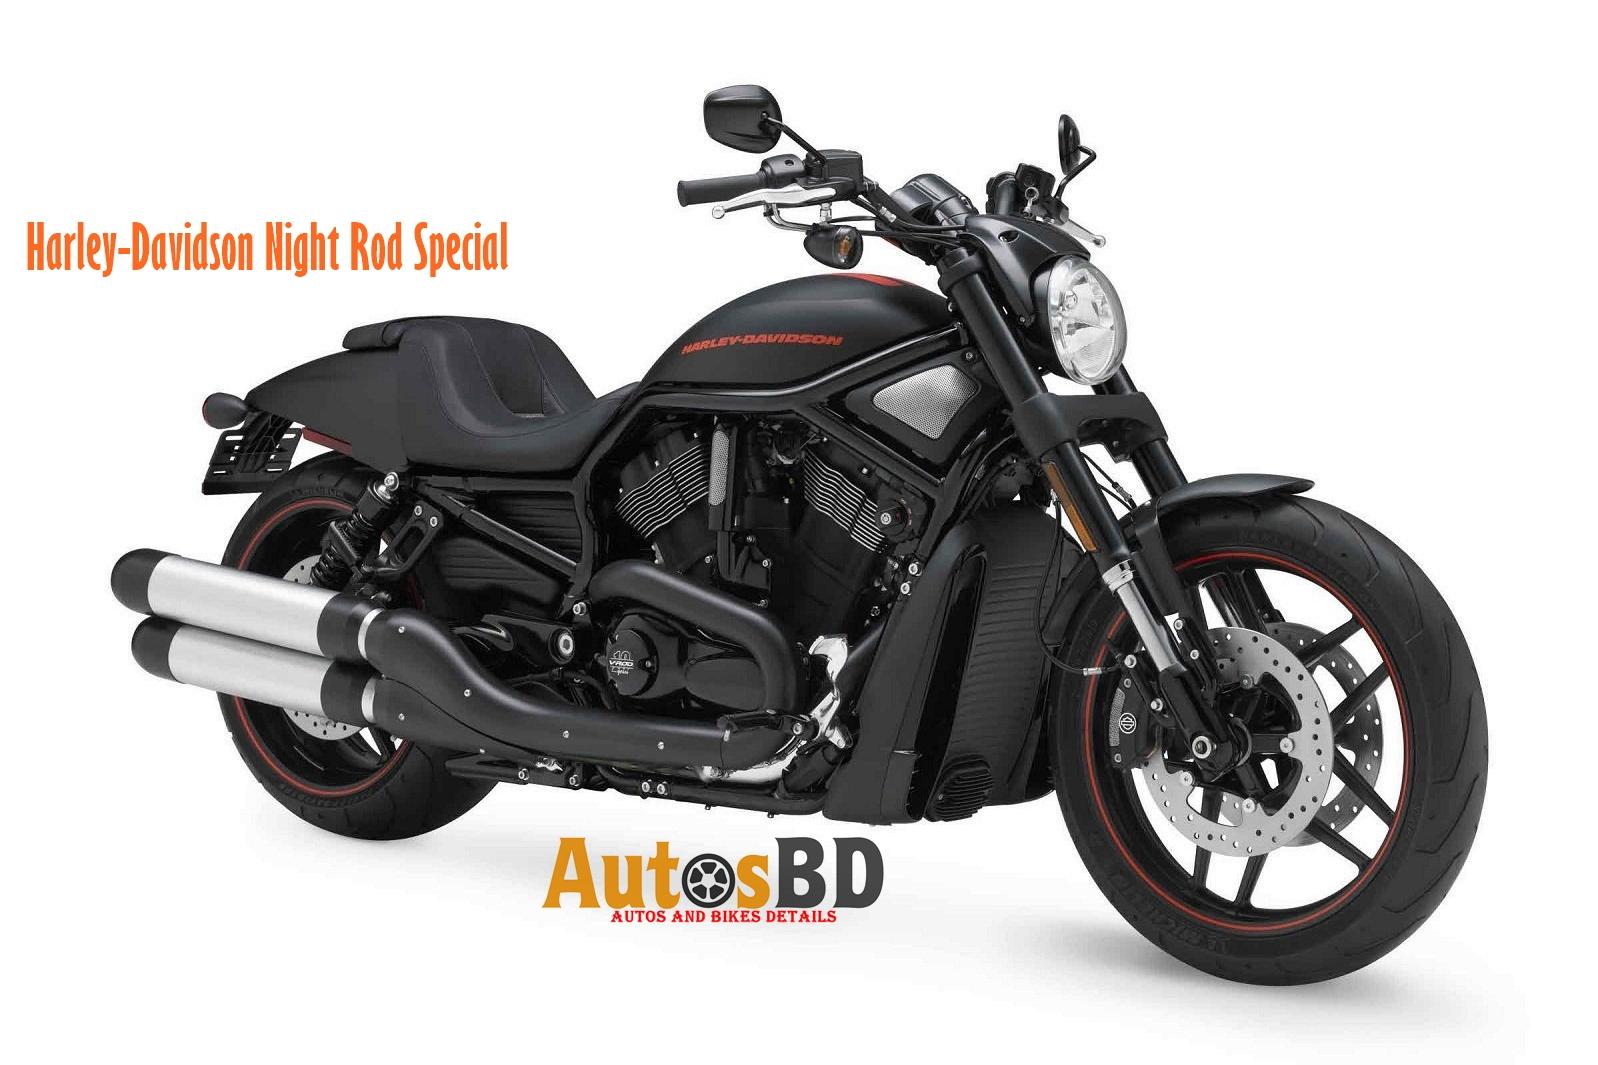 Harley-Davidson Night Rod Special Price in India